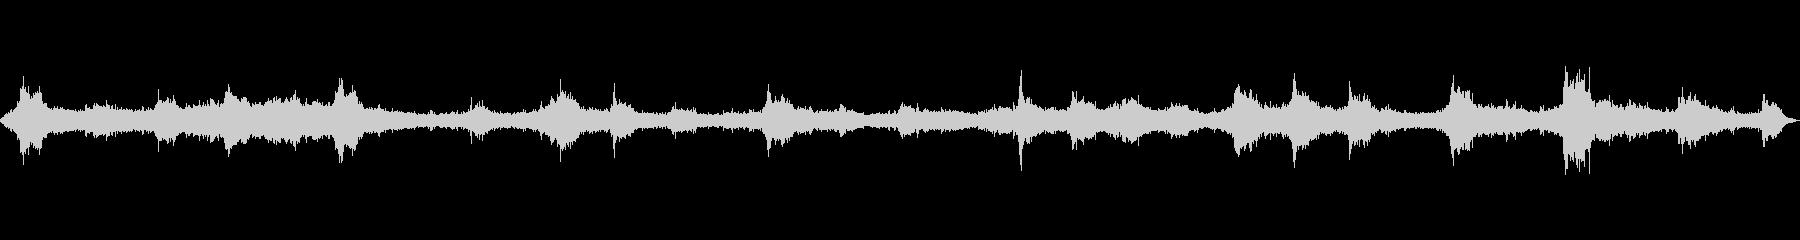 波の音~テトラポット~荒波【生録音】の未再生の波形